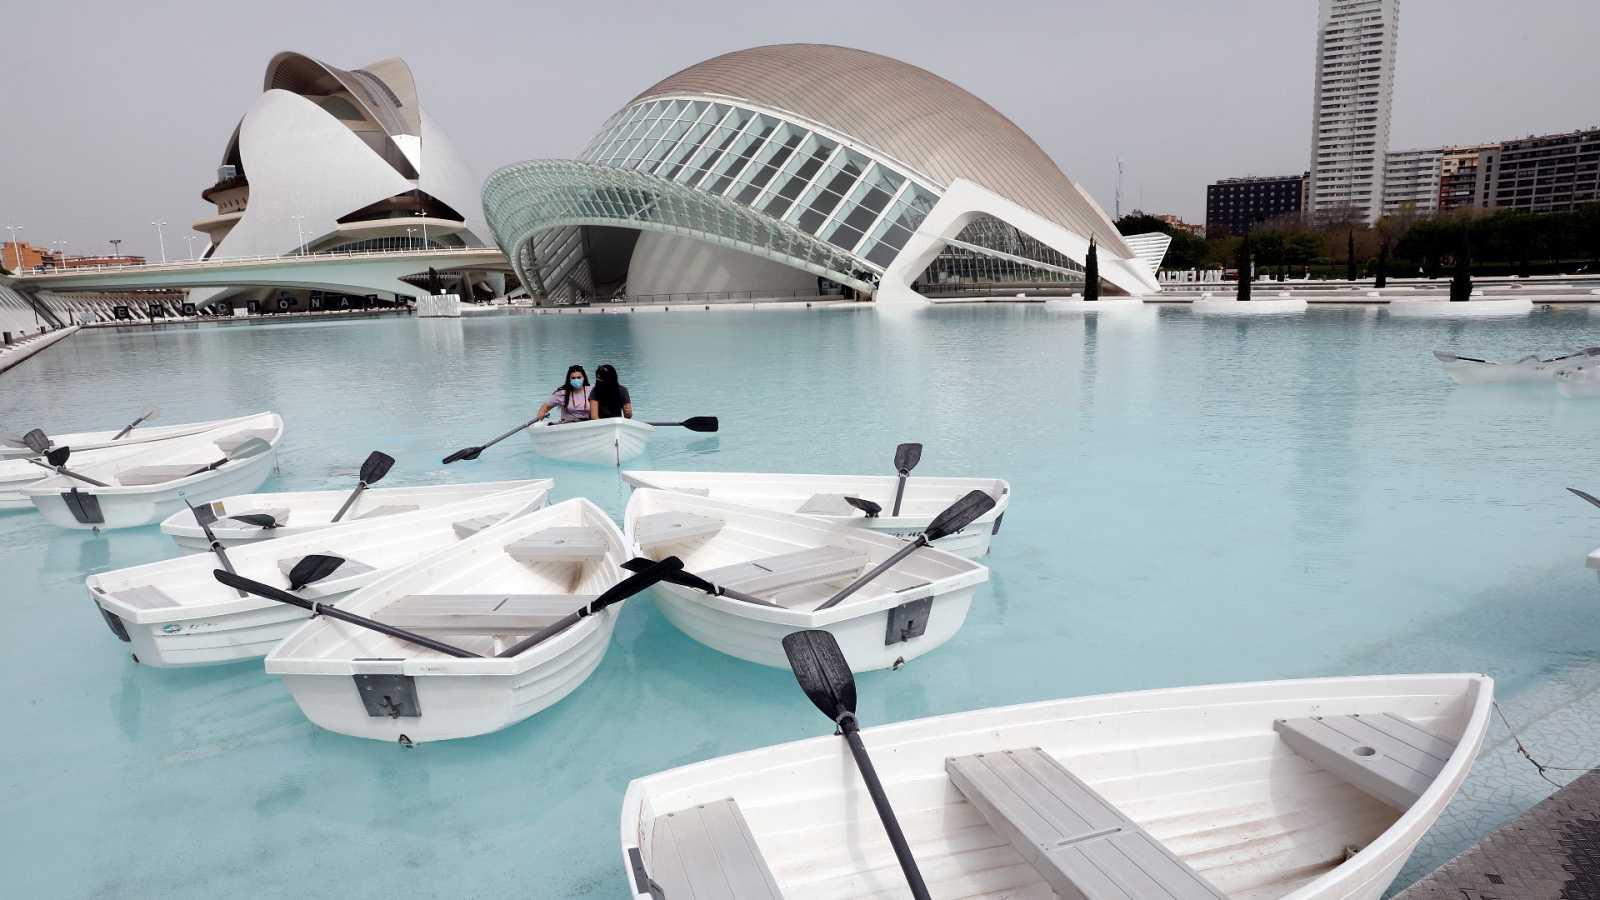 Valencia ha sido escogida como la sede de la Gala de reparto de estrellas de la Guía Michelin